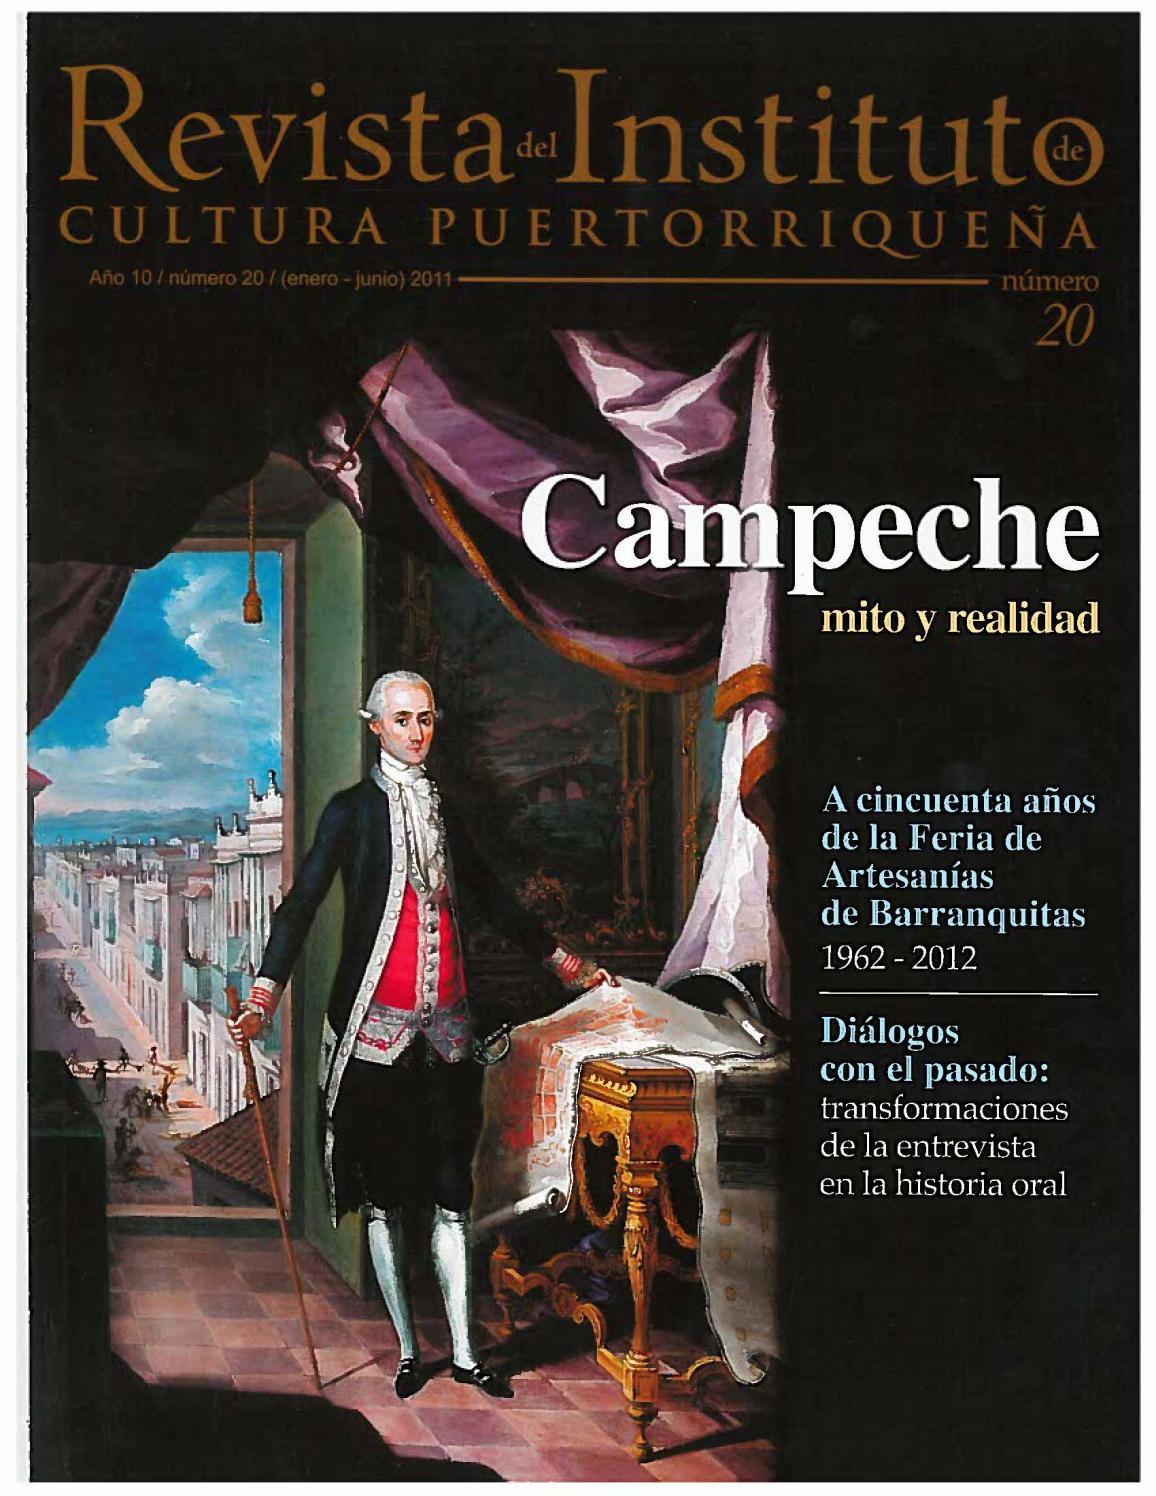 Revista del Instituto de Cultura Puertorriqueña by Colección Puertorriqueña  UPR RP - issuu 80a9bcc3606